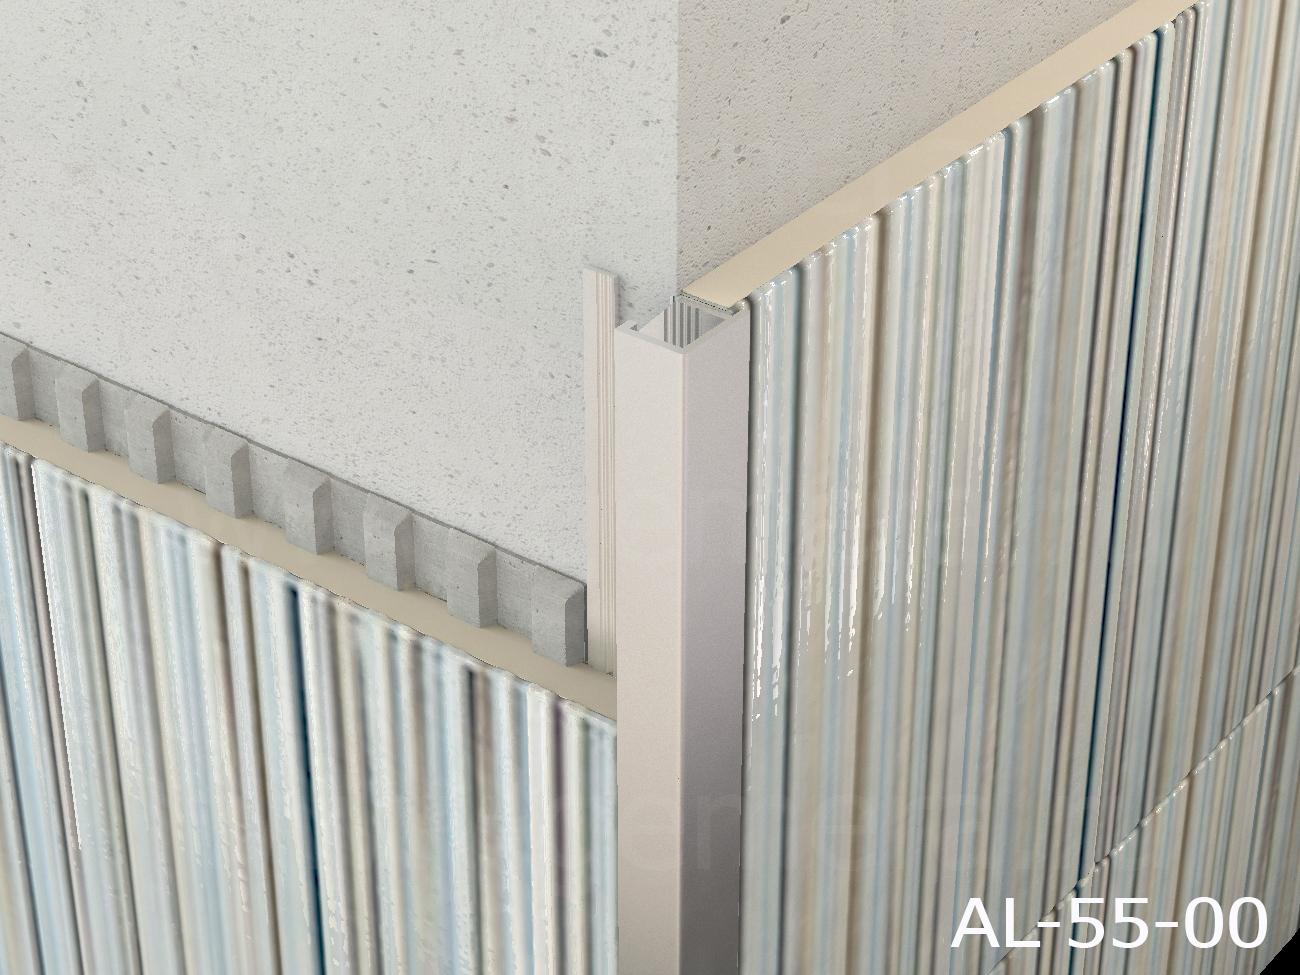 Профиль для кафельной плитки внутренний Butun AL-55-00